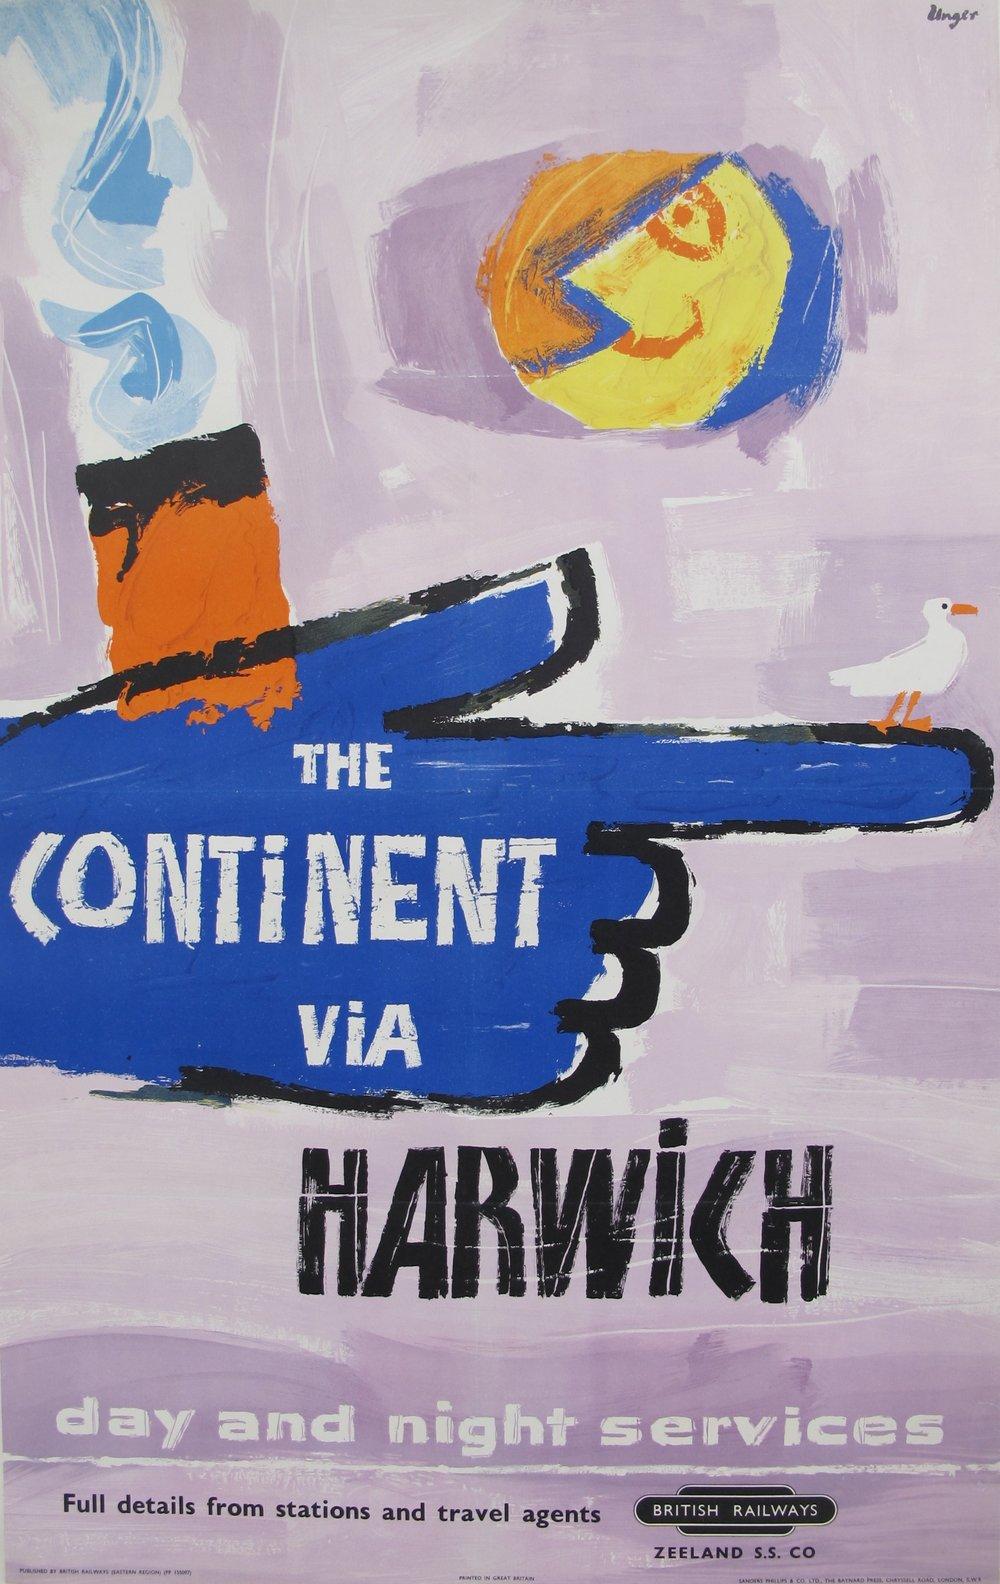 Railway_BR_Harwich_Poster_Hans_Unger.jpg